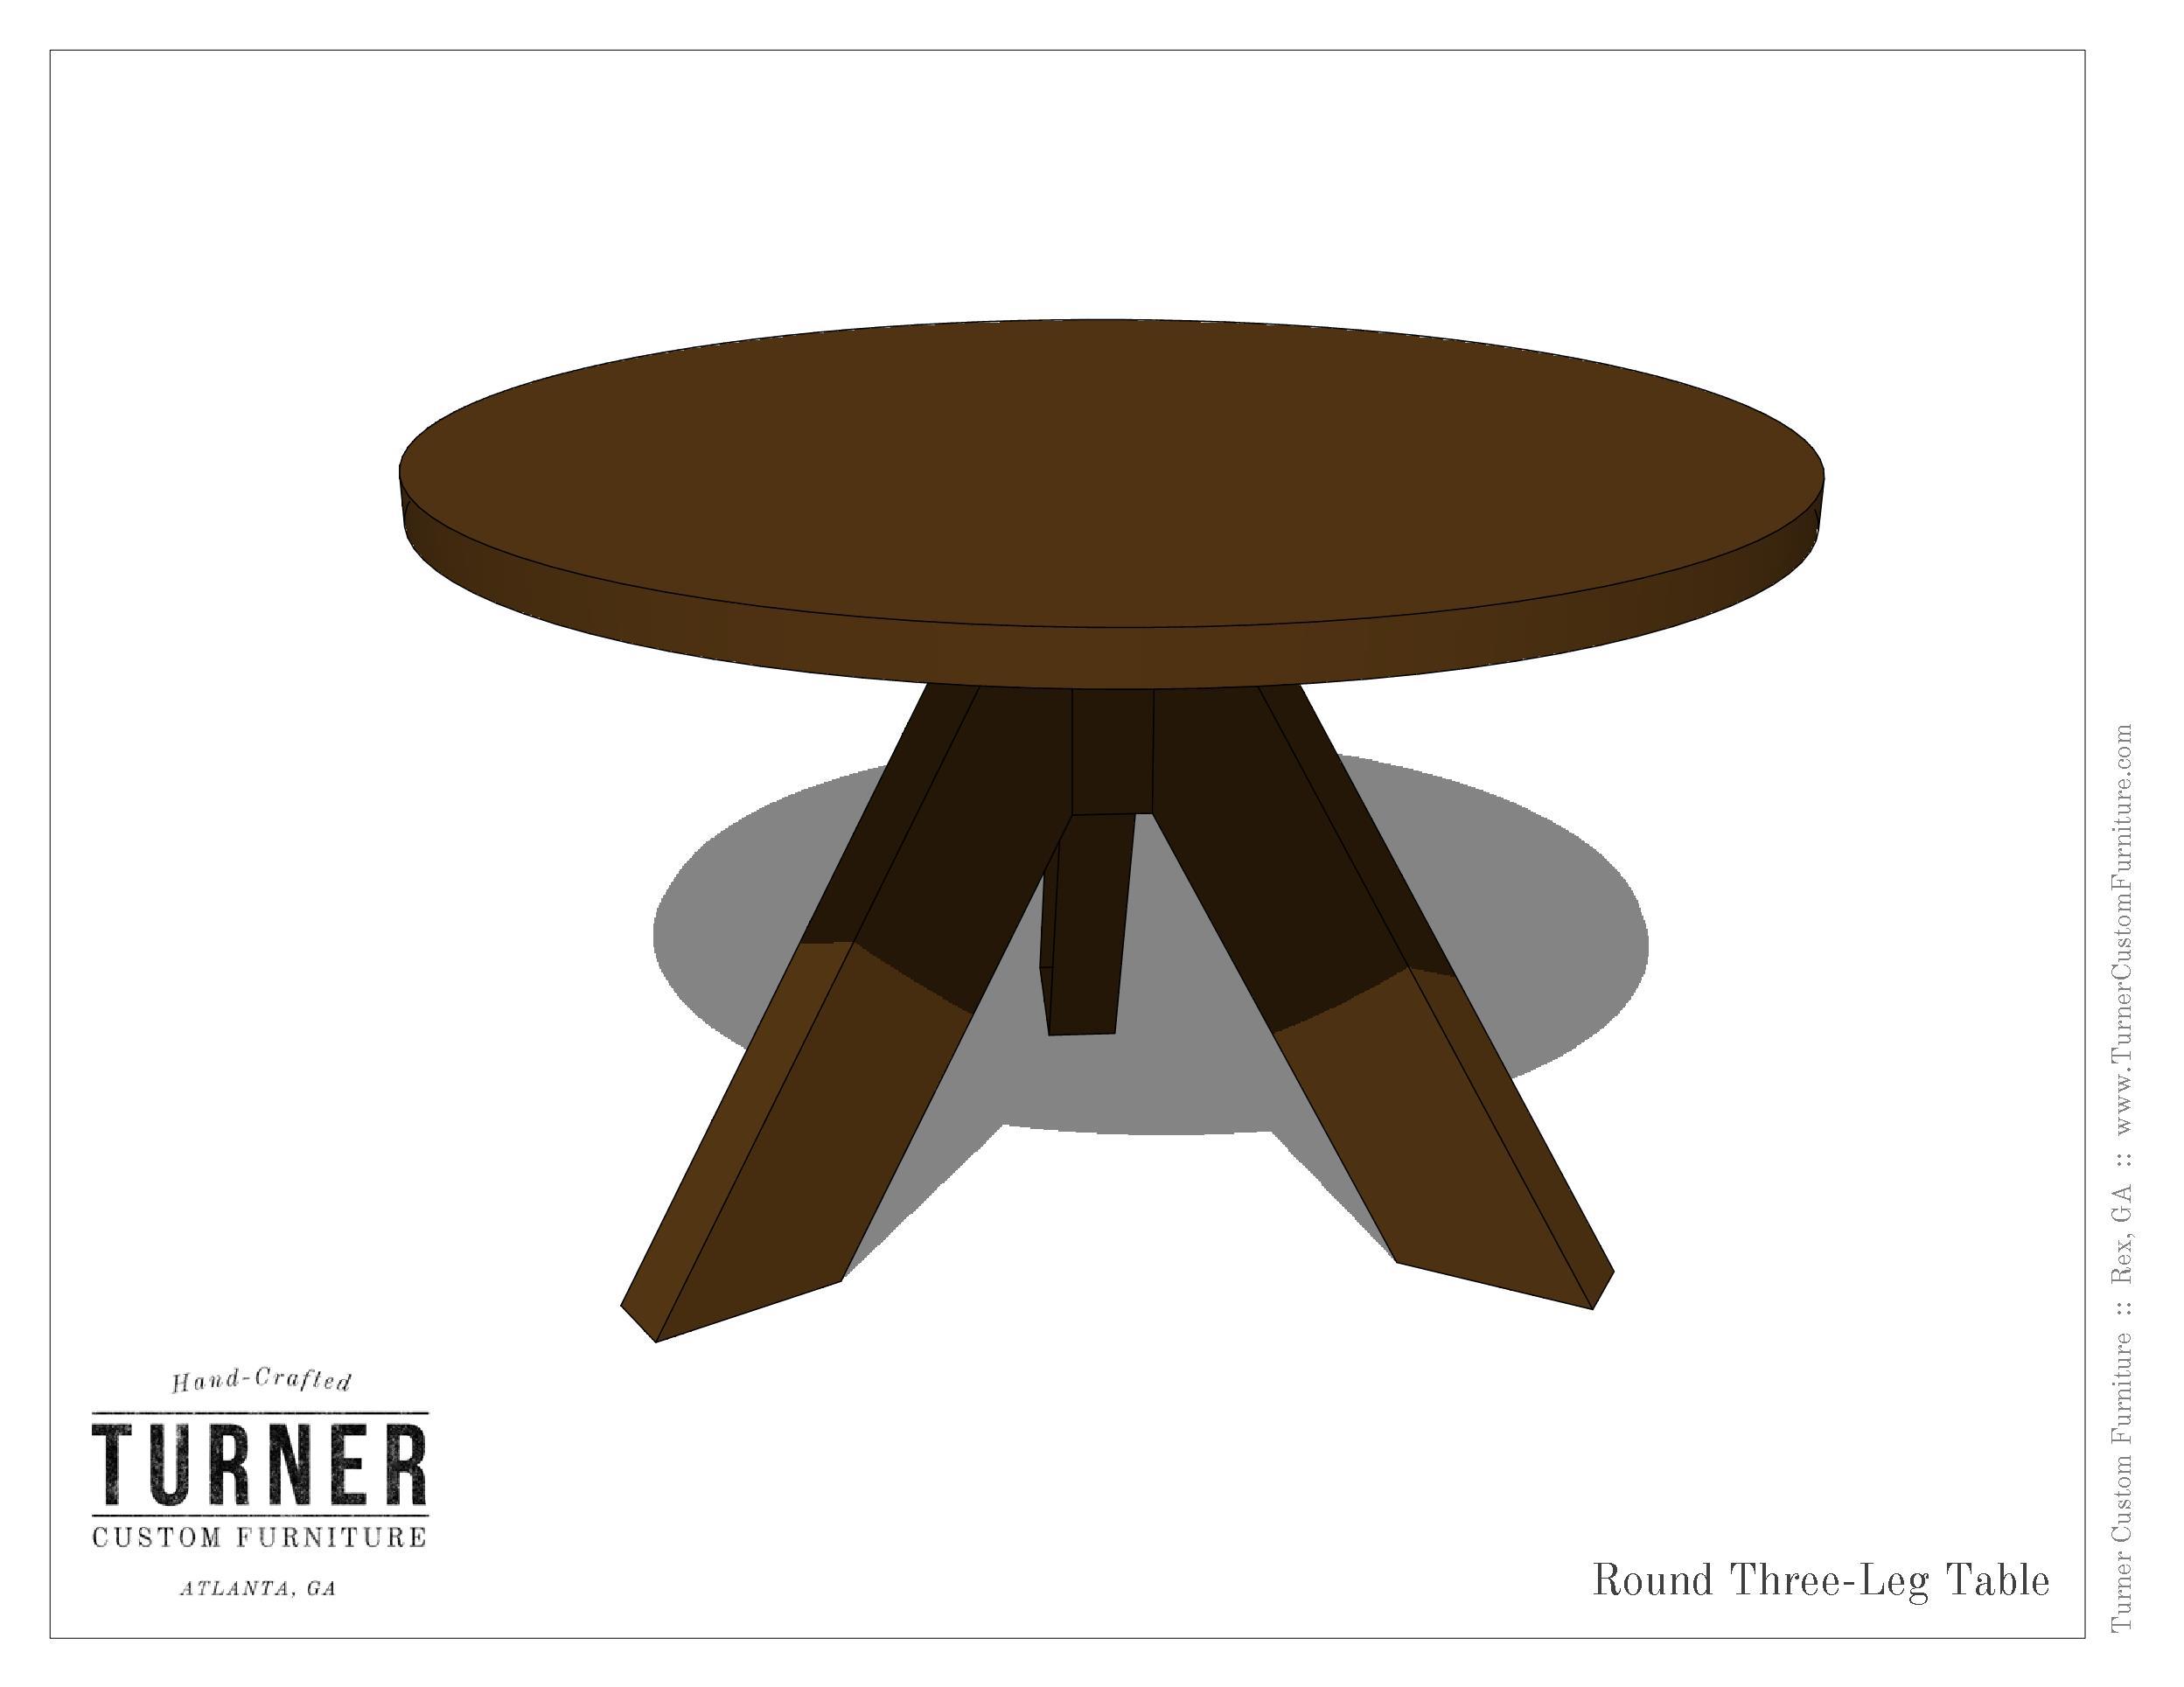 Table Builder_06.jpg